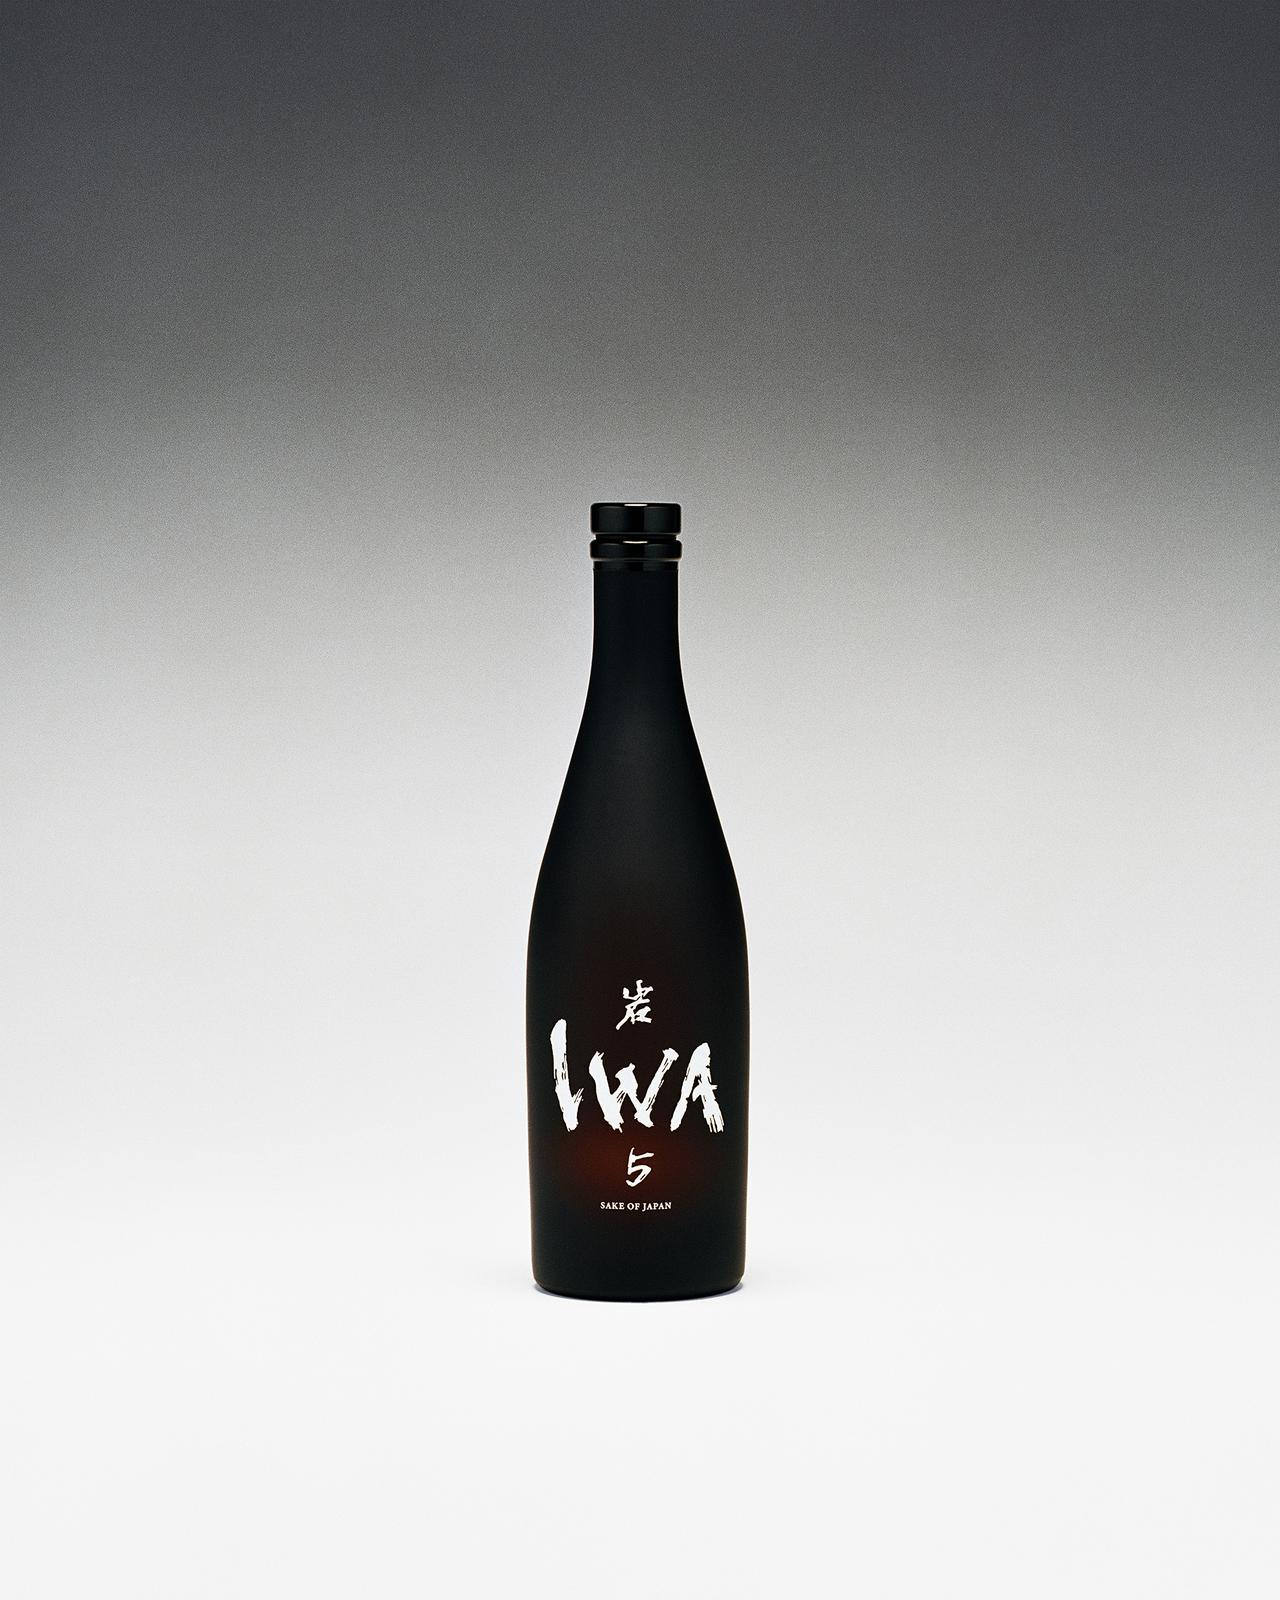 画像1: 「ドン ペリニヨン」5代目醸造最高責任者、リシャール・ジョフロワ氏が造る日本酒が誕生